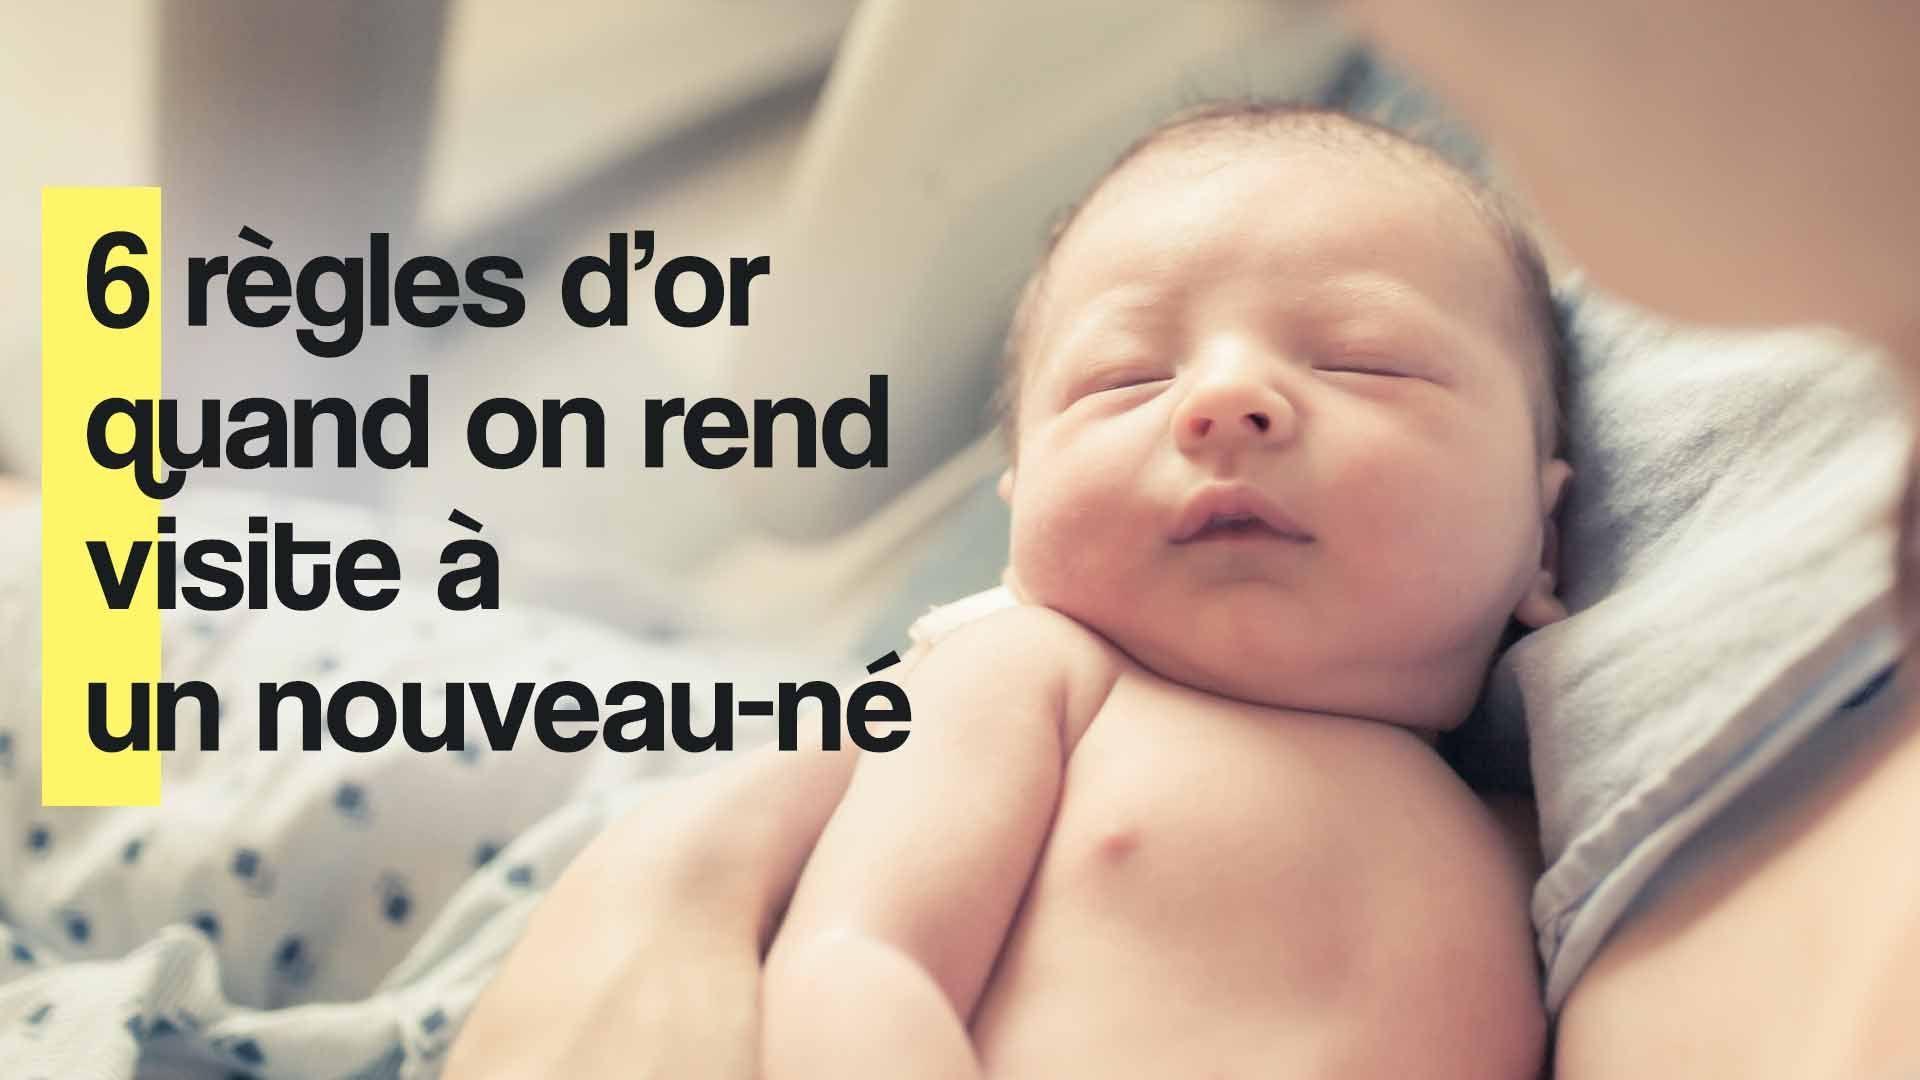 6 règles d'or quand on rend visite à un nouveau-né